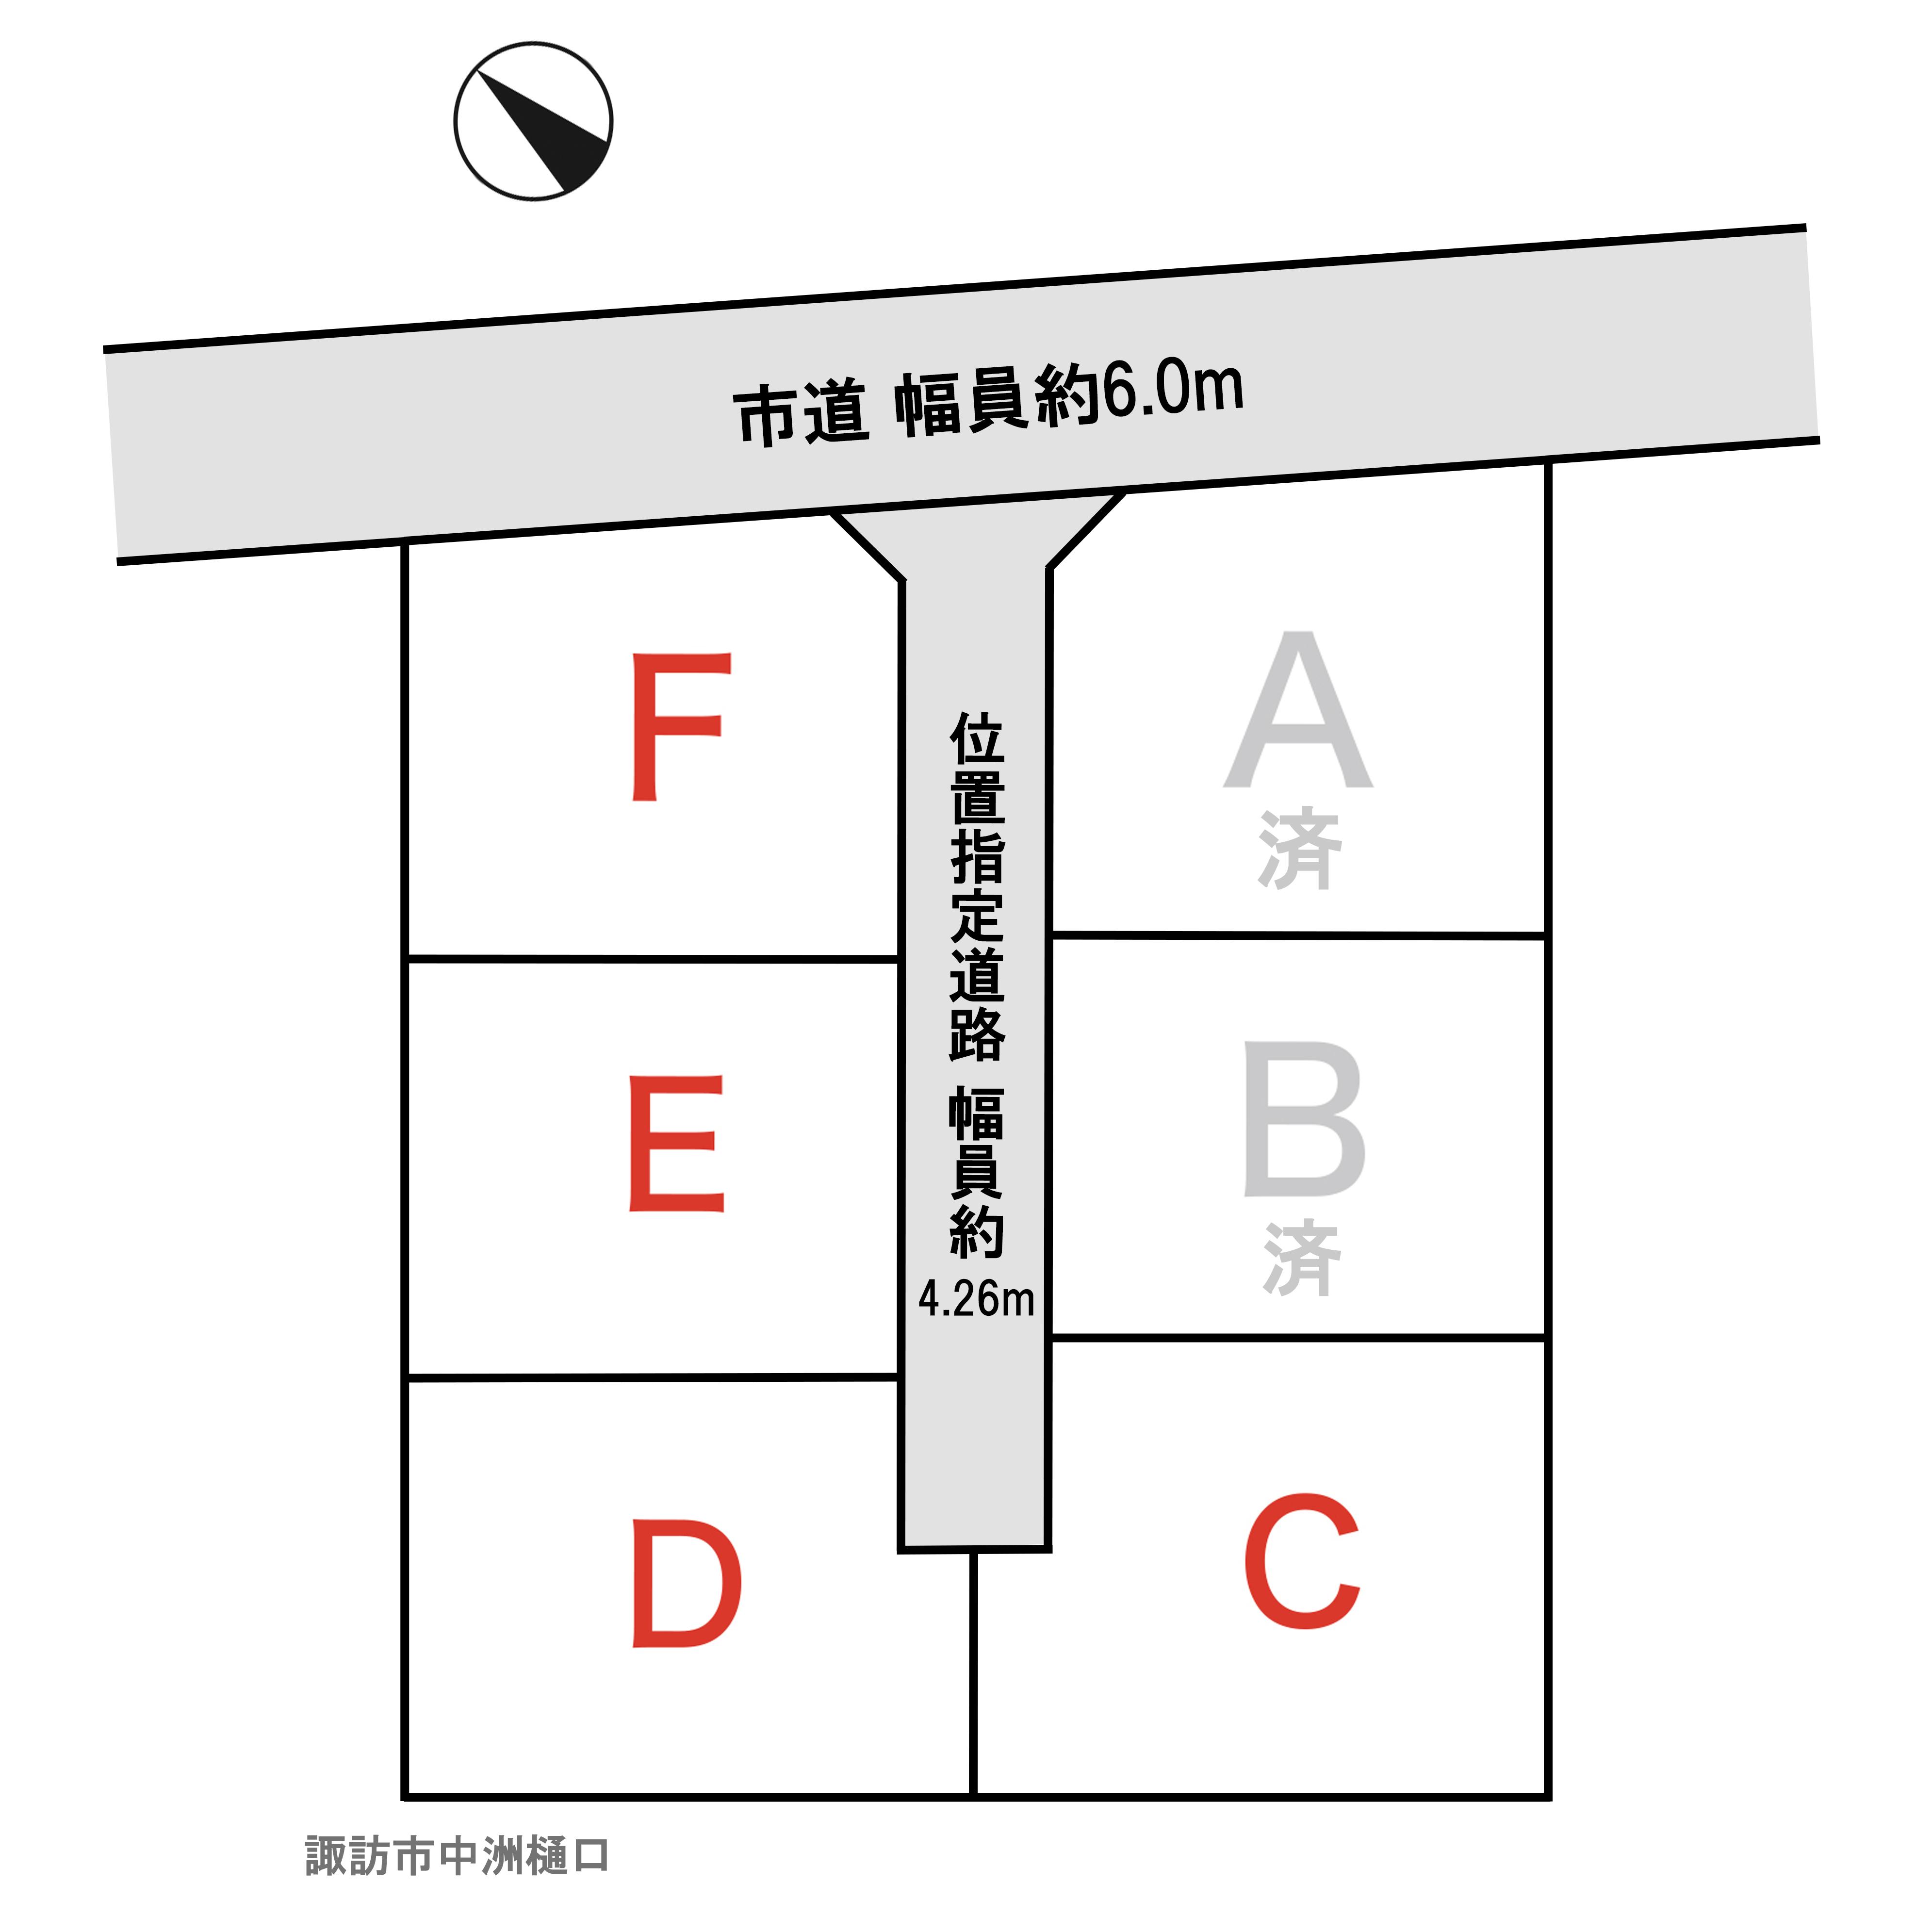 諏訪市 中洲神宮寺樋口_アイキャッチ画像